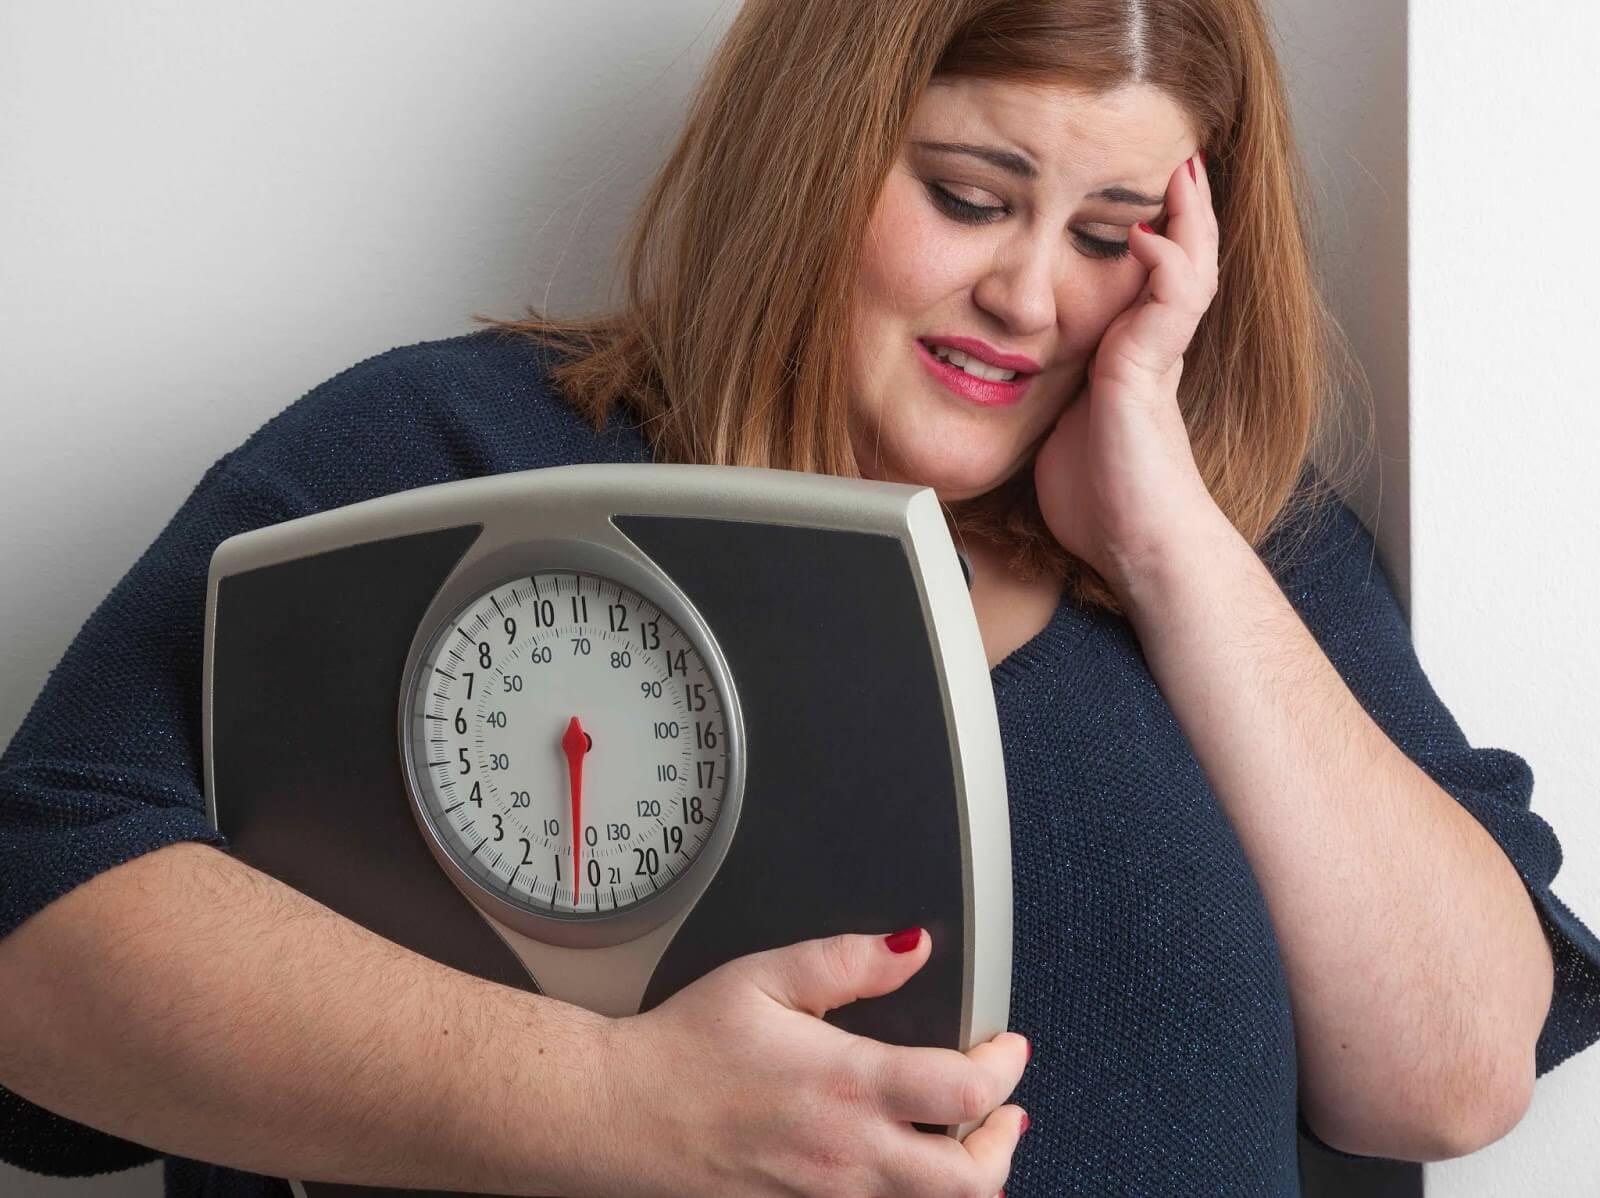 چاقی ناشی از استرس چیست و چگونه می توان آن را درمان کرد؟